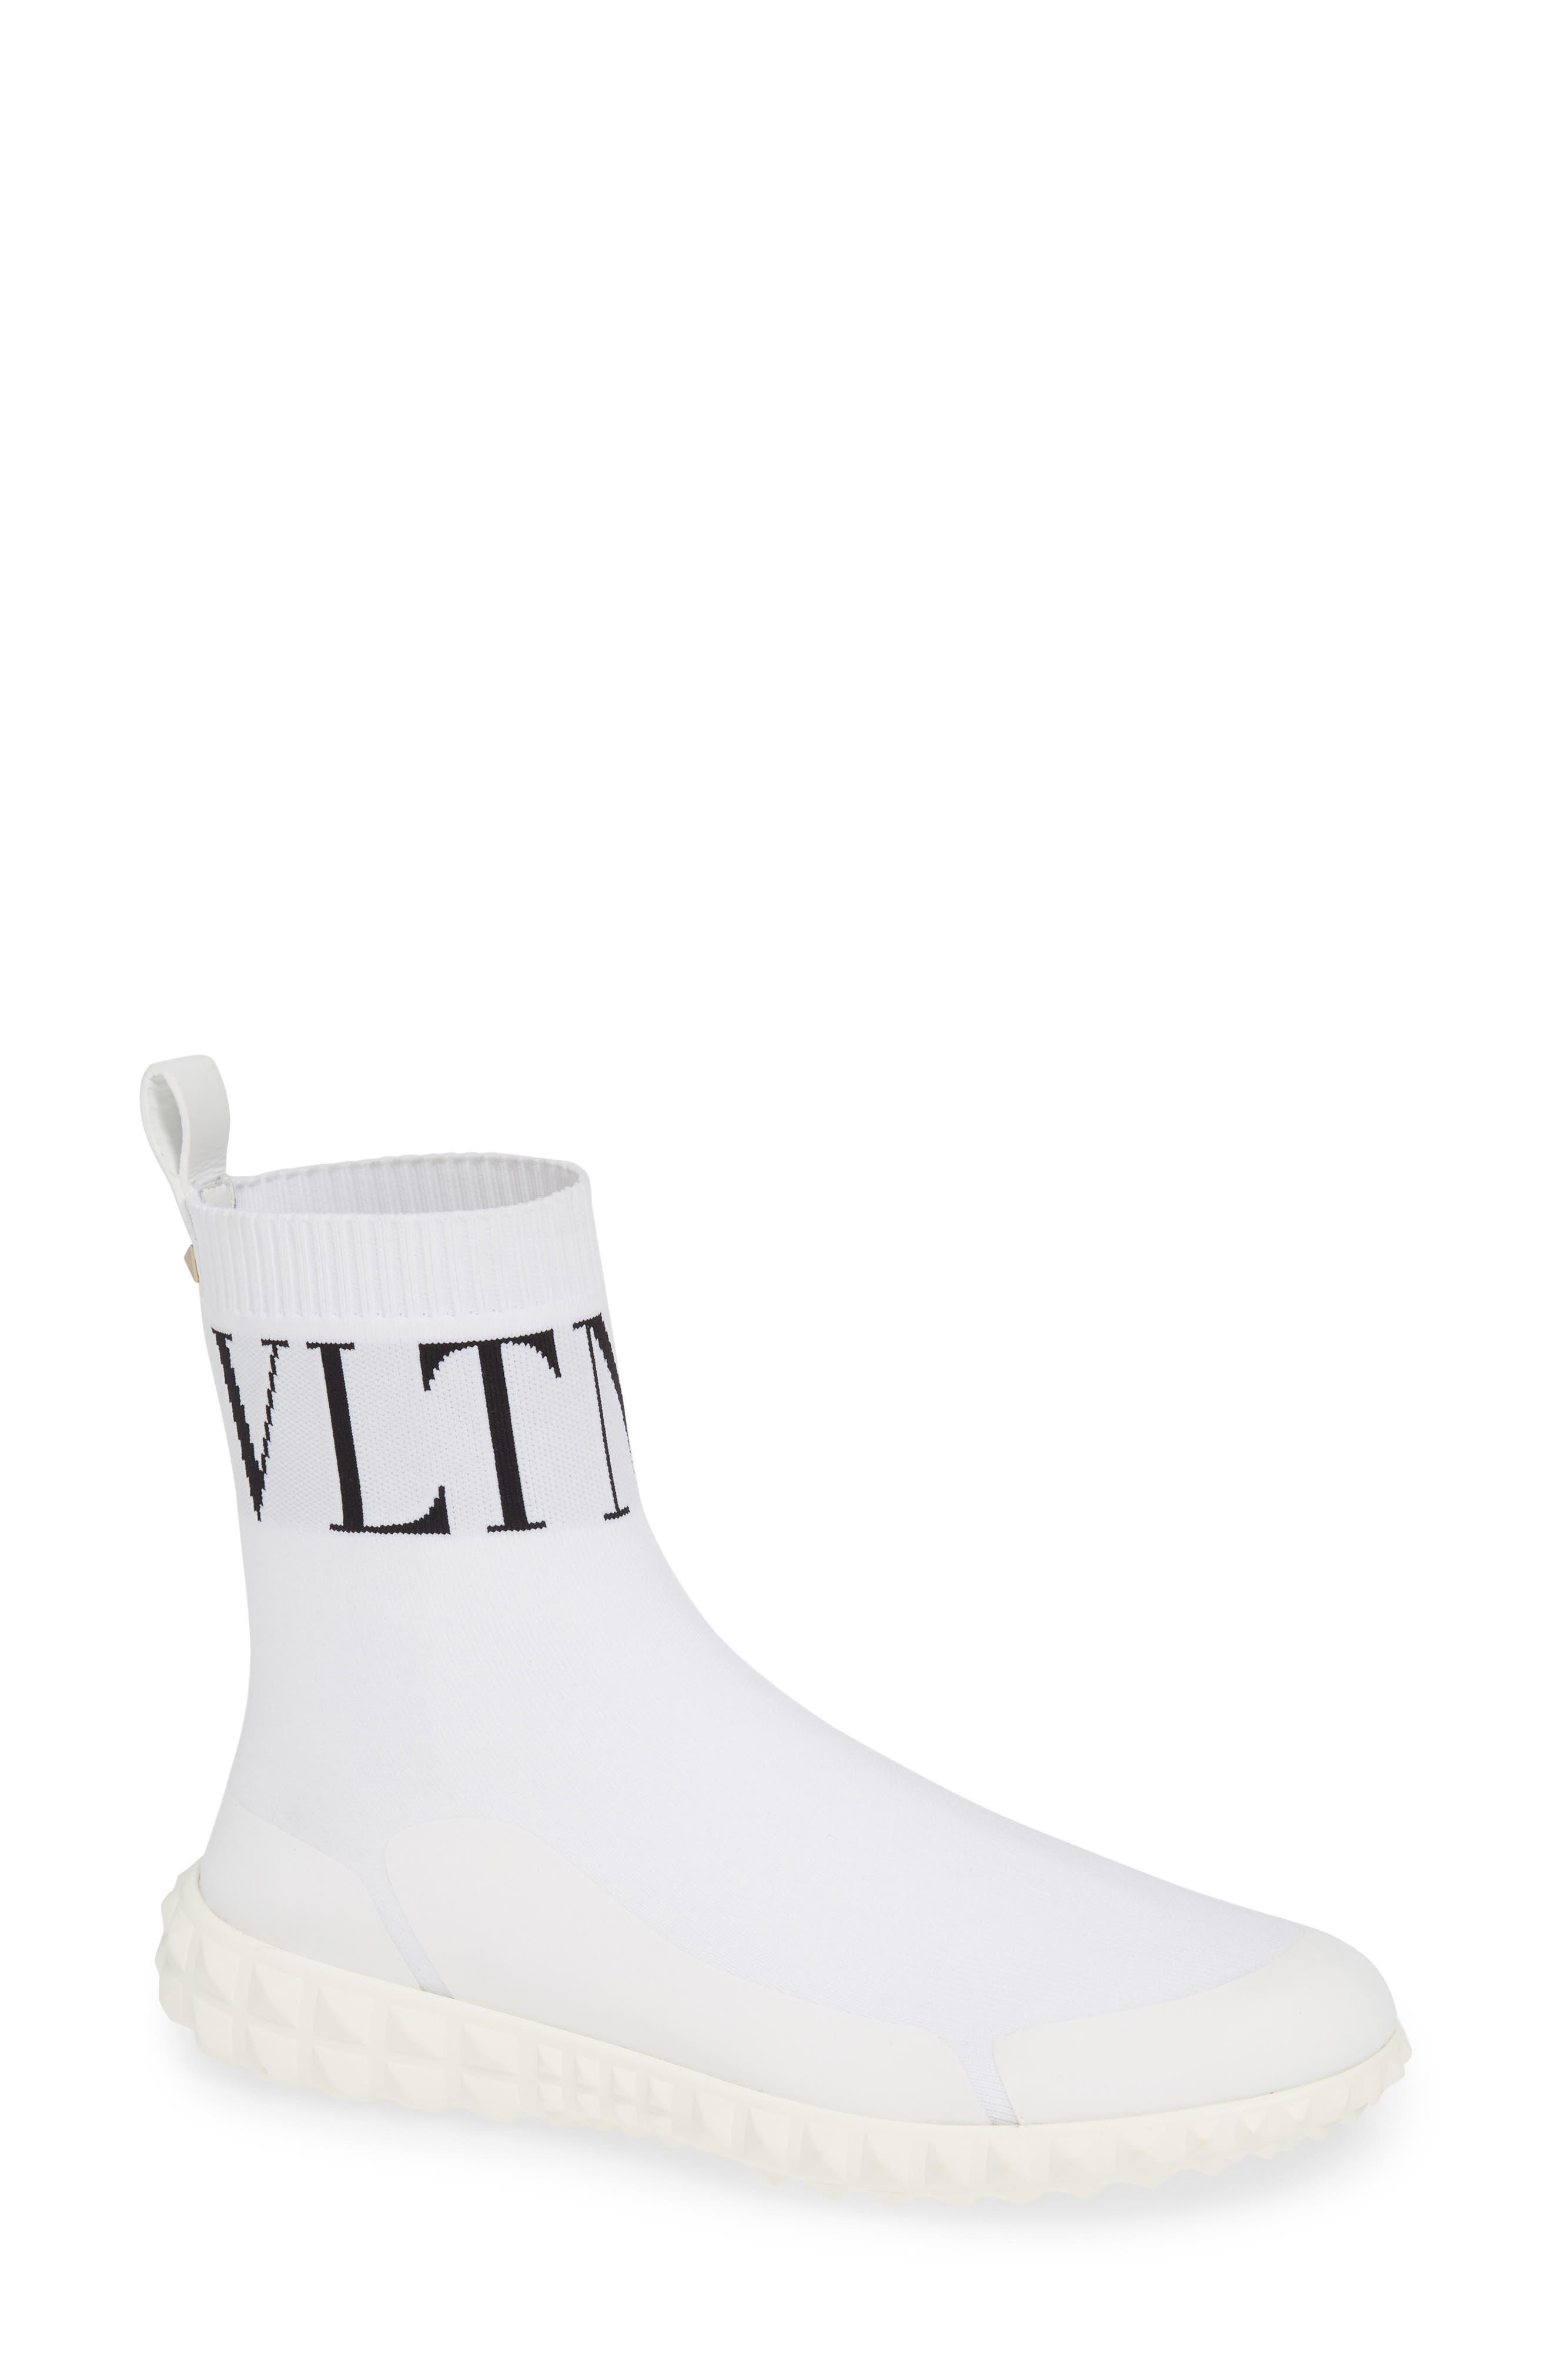 VLTN Slip-On Sock Sneaker,                         Main,                         color, 102